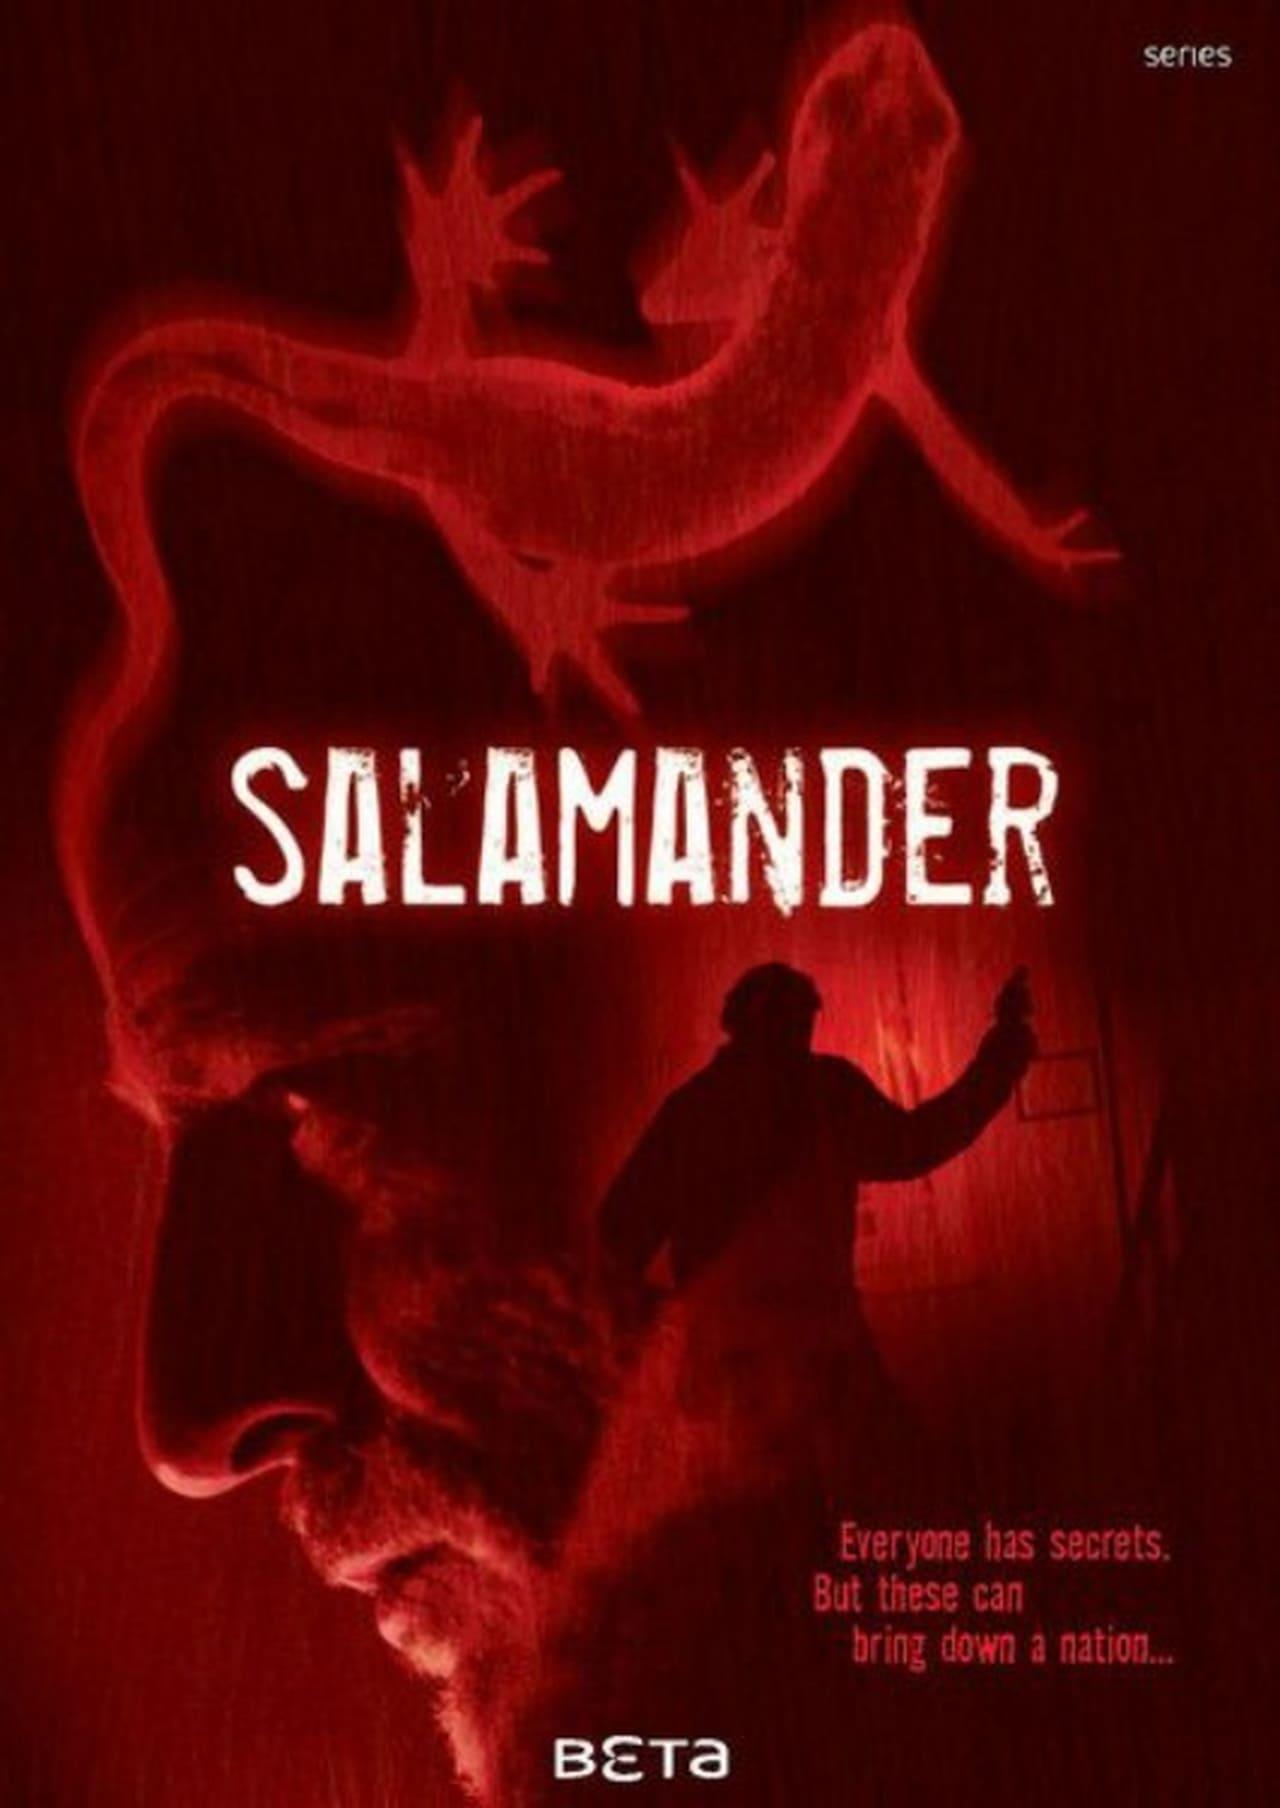 Filip Peeters in Salamander (2012)